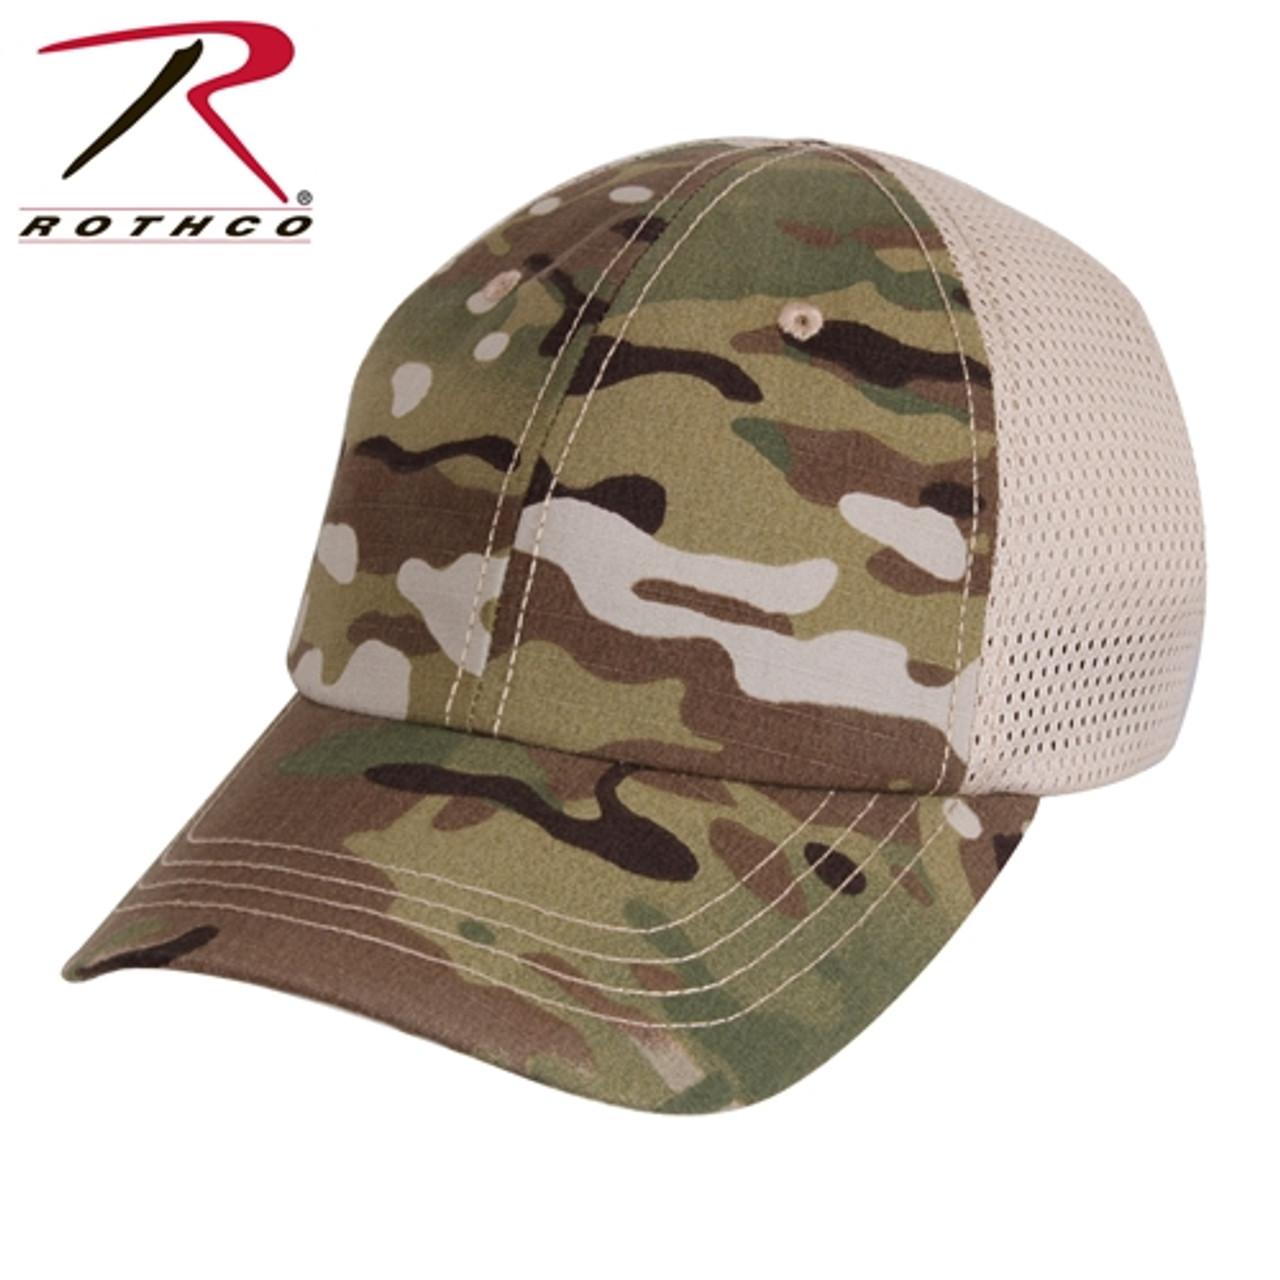 Customized Mesh Back Tactical Cap